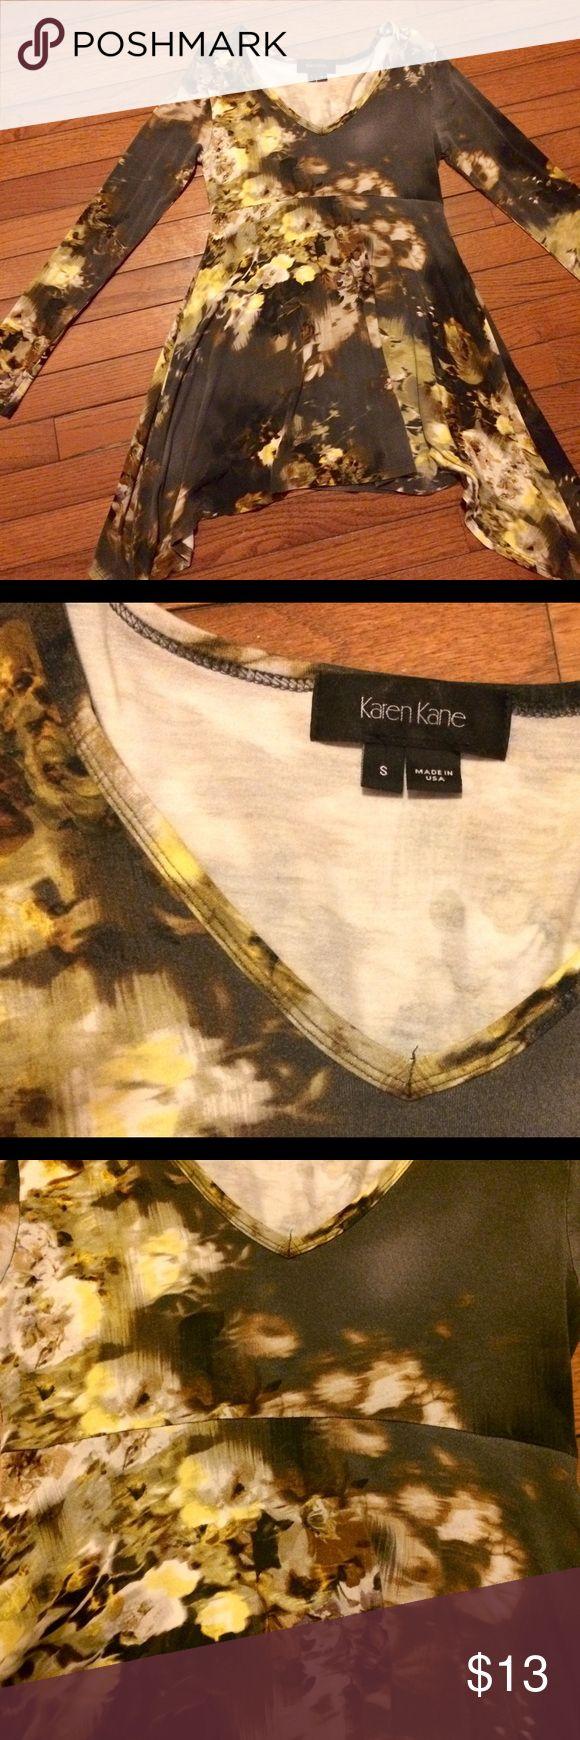 Karen Kane size small dress tunic shirt Great condition. Great for work. Karen Kane. Karen Kane Tops Tunics